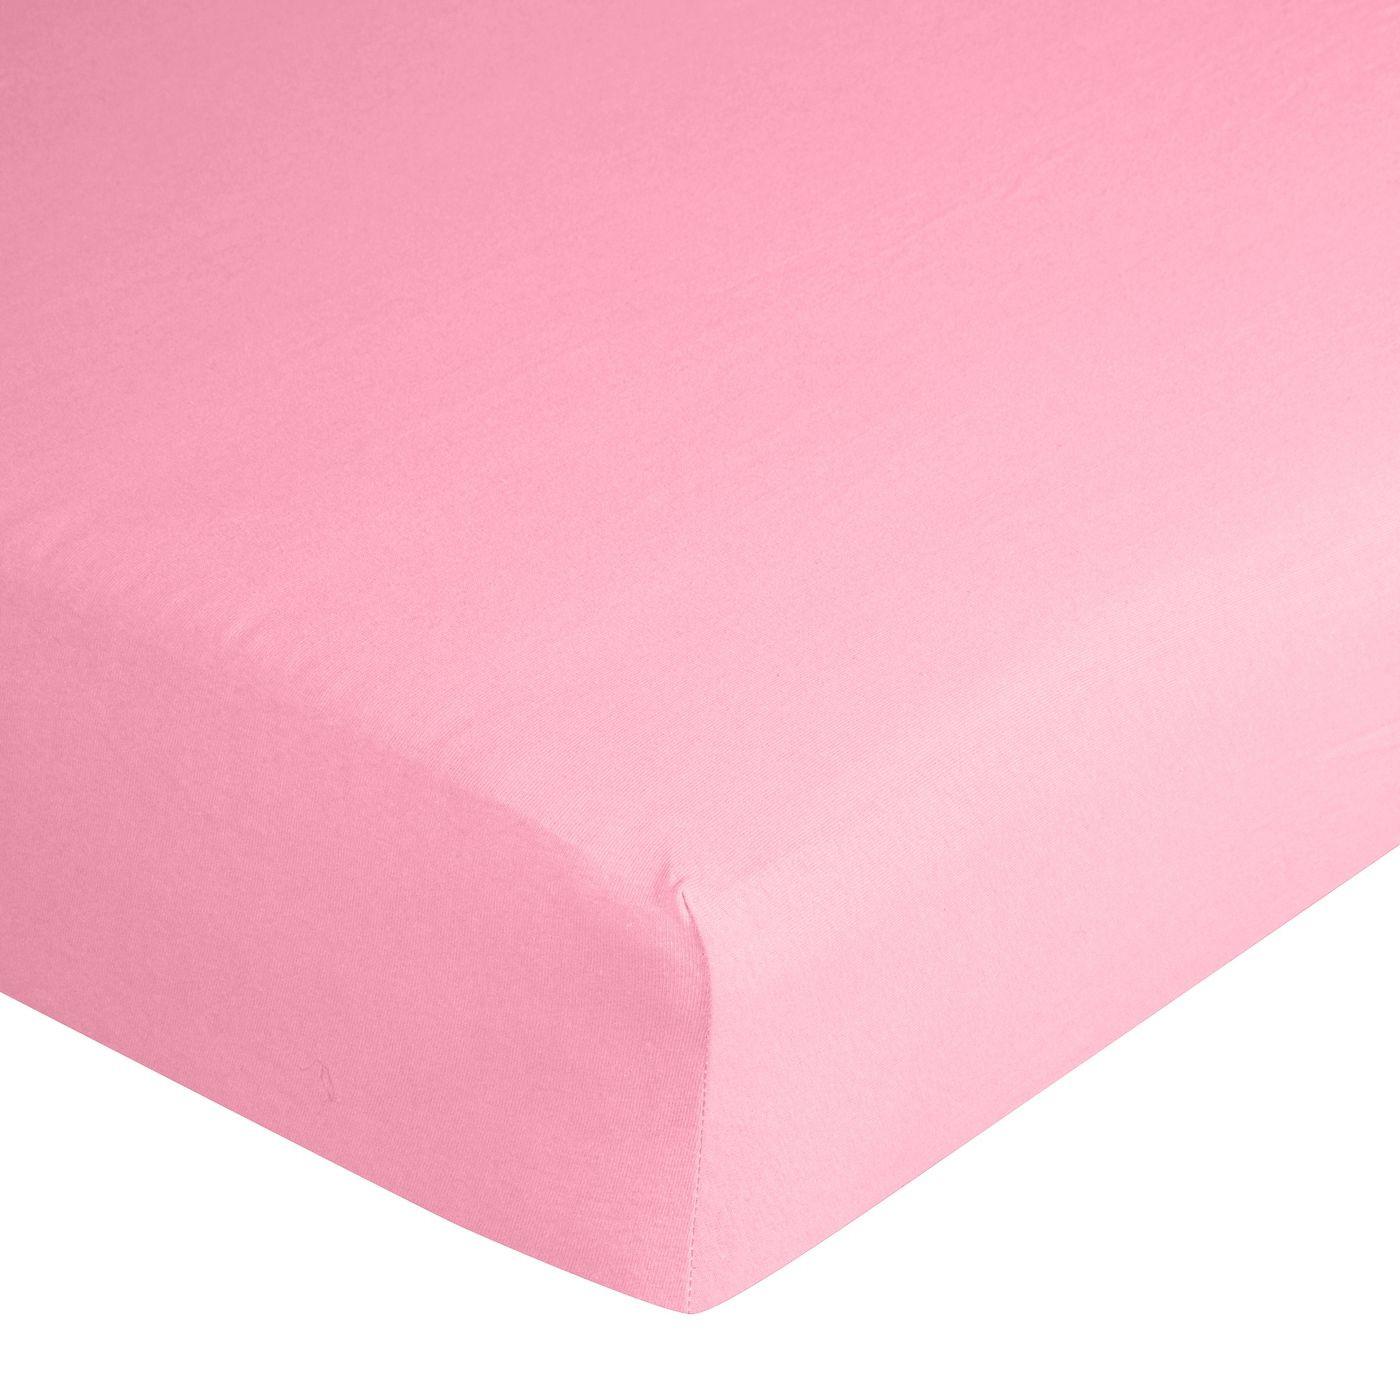 Prześcieradło bawełniane gładkie 220x200+25cm 140 kolor różowy